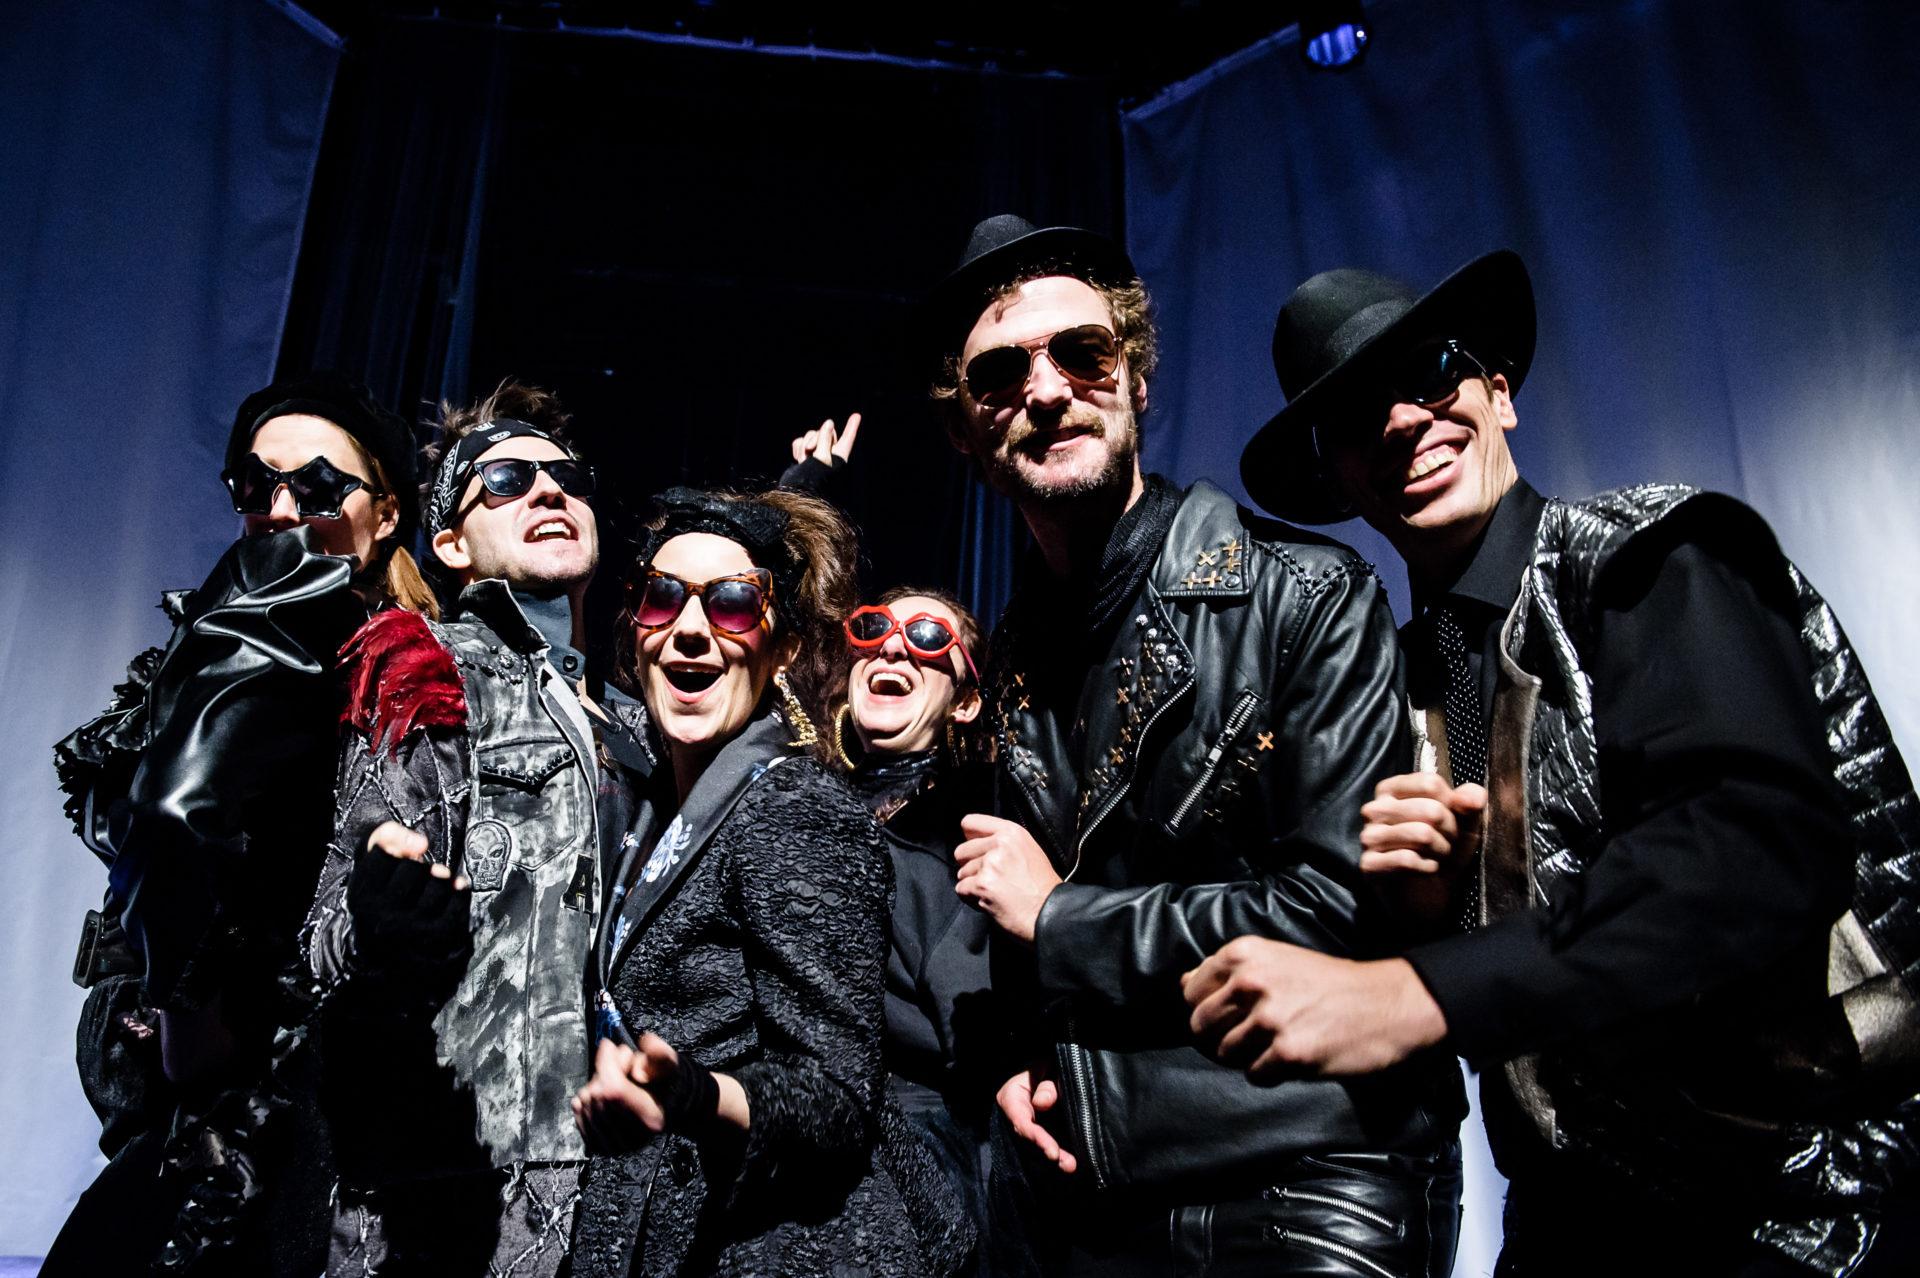 gruppe mennekser i svarte kostymer